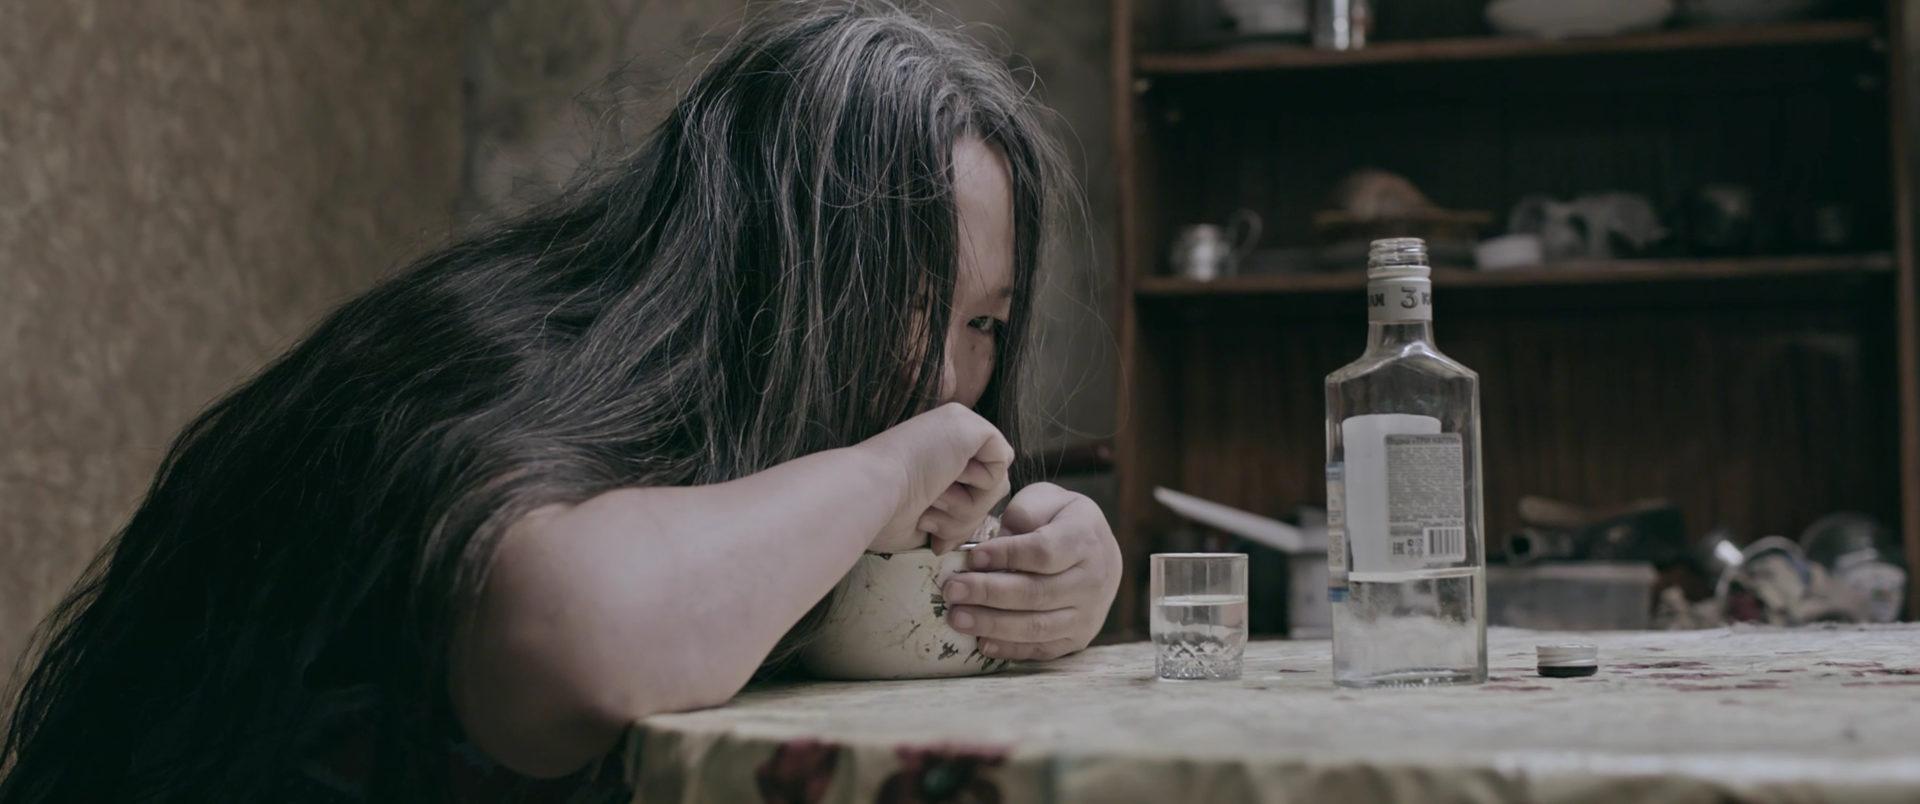 25 февраля старт проката фильма «Пугало» в кинотеатрах РФ